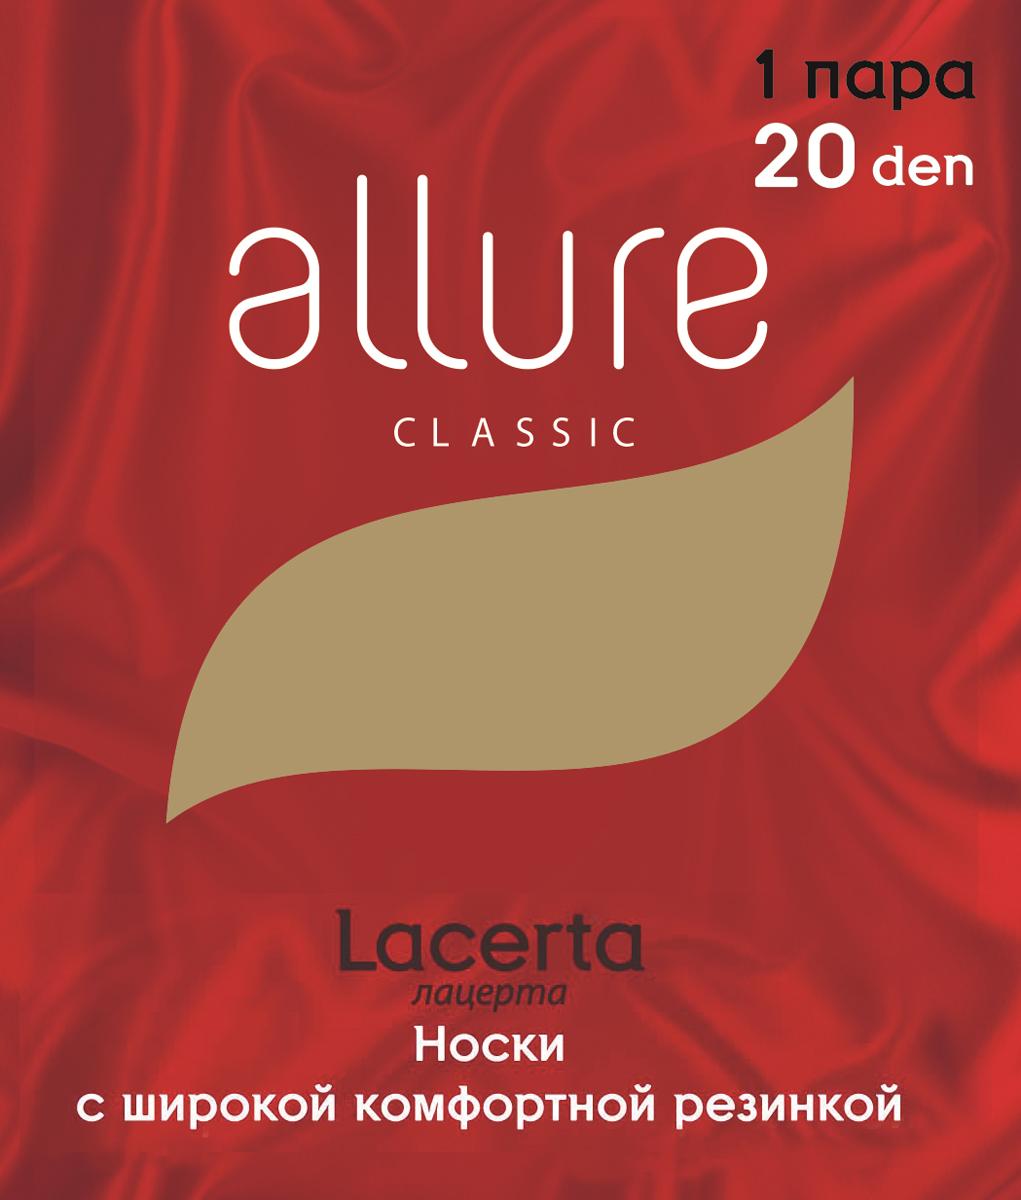 Носки женские Allure Lacerta 20, цвет:  Caramello (бежевый).  Размер универсальный Allure